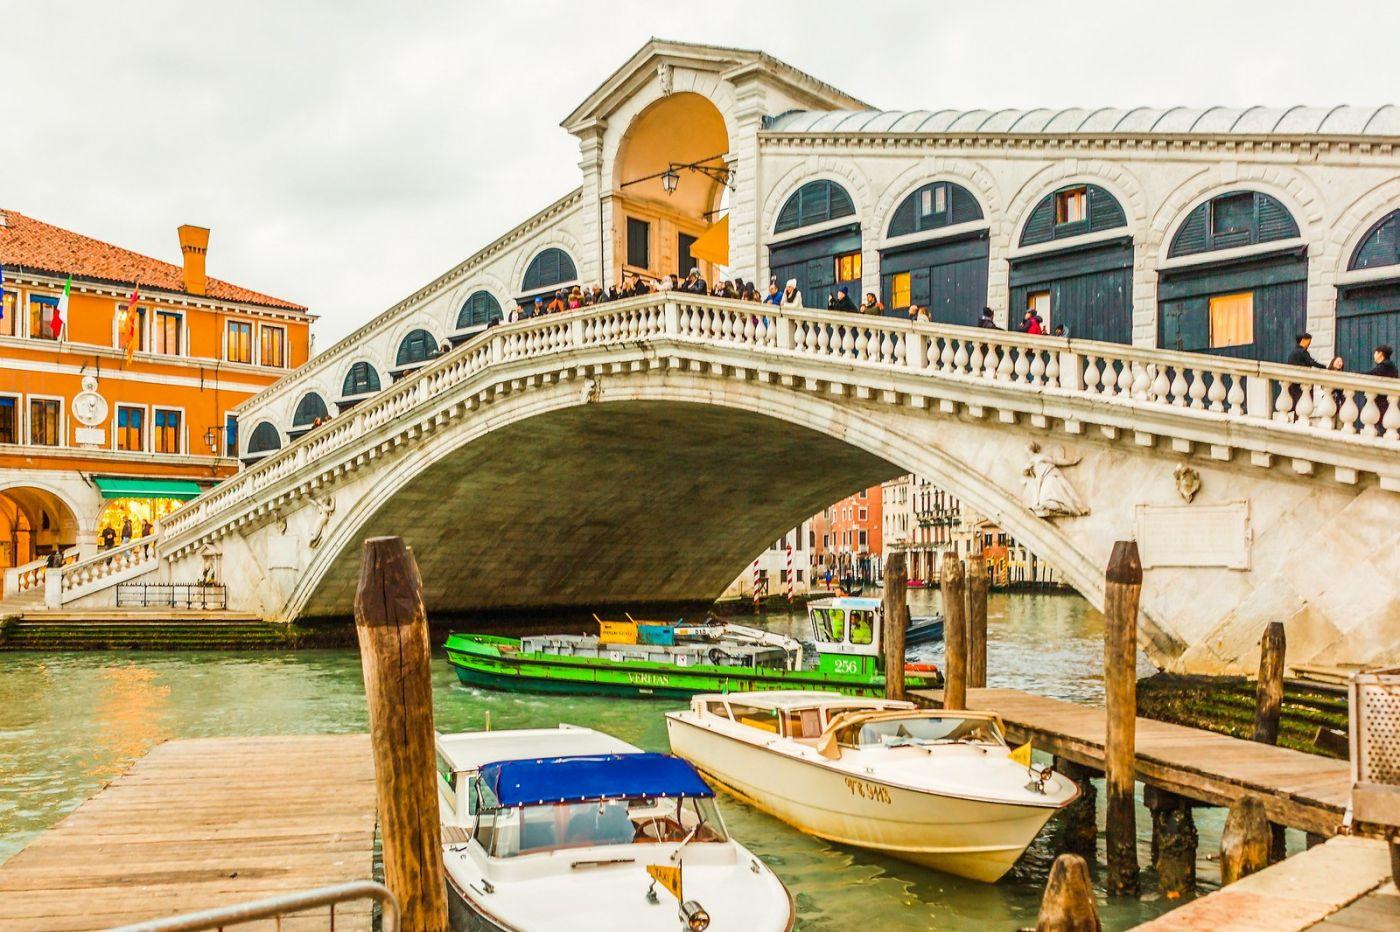 意大利威尼斯,桥的艺术_图1-25